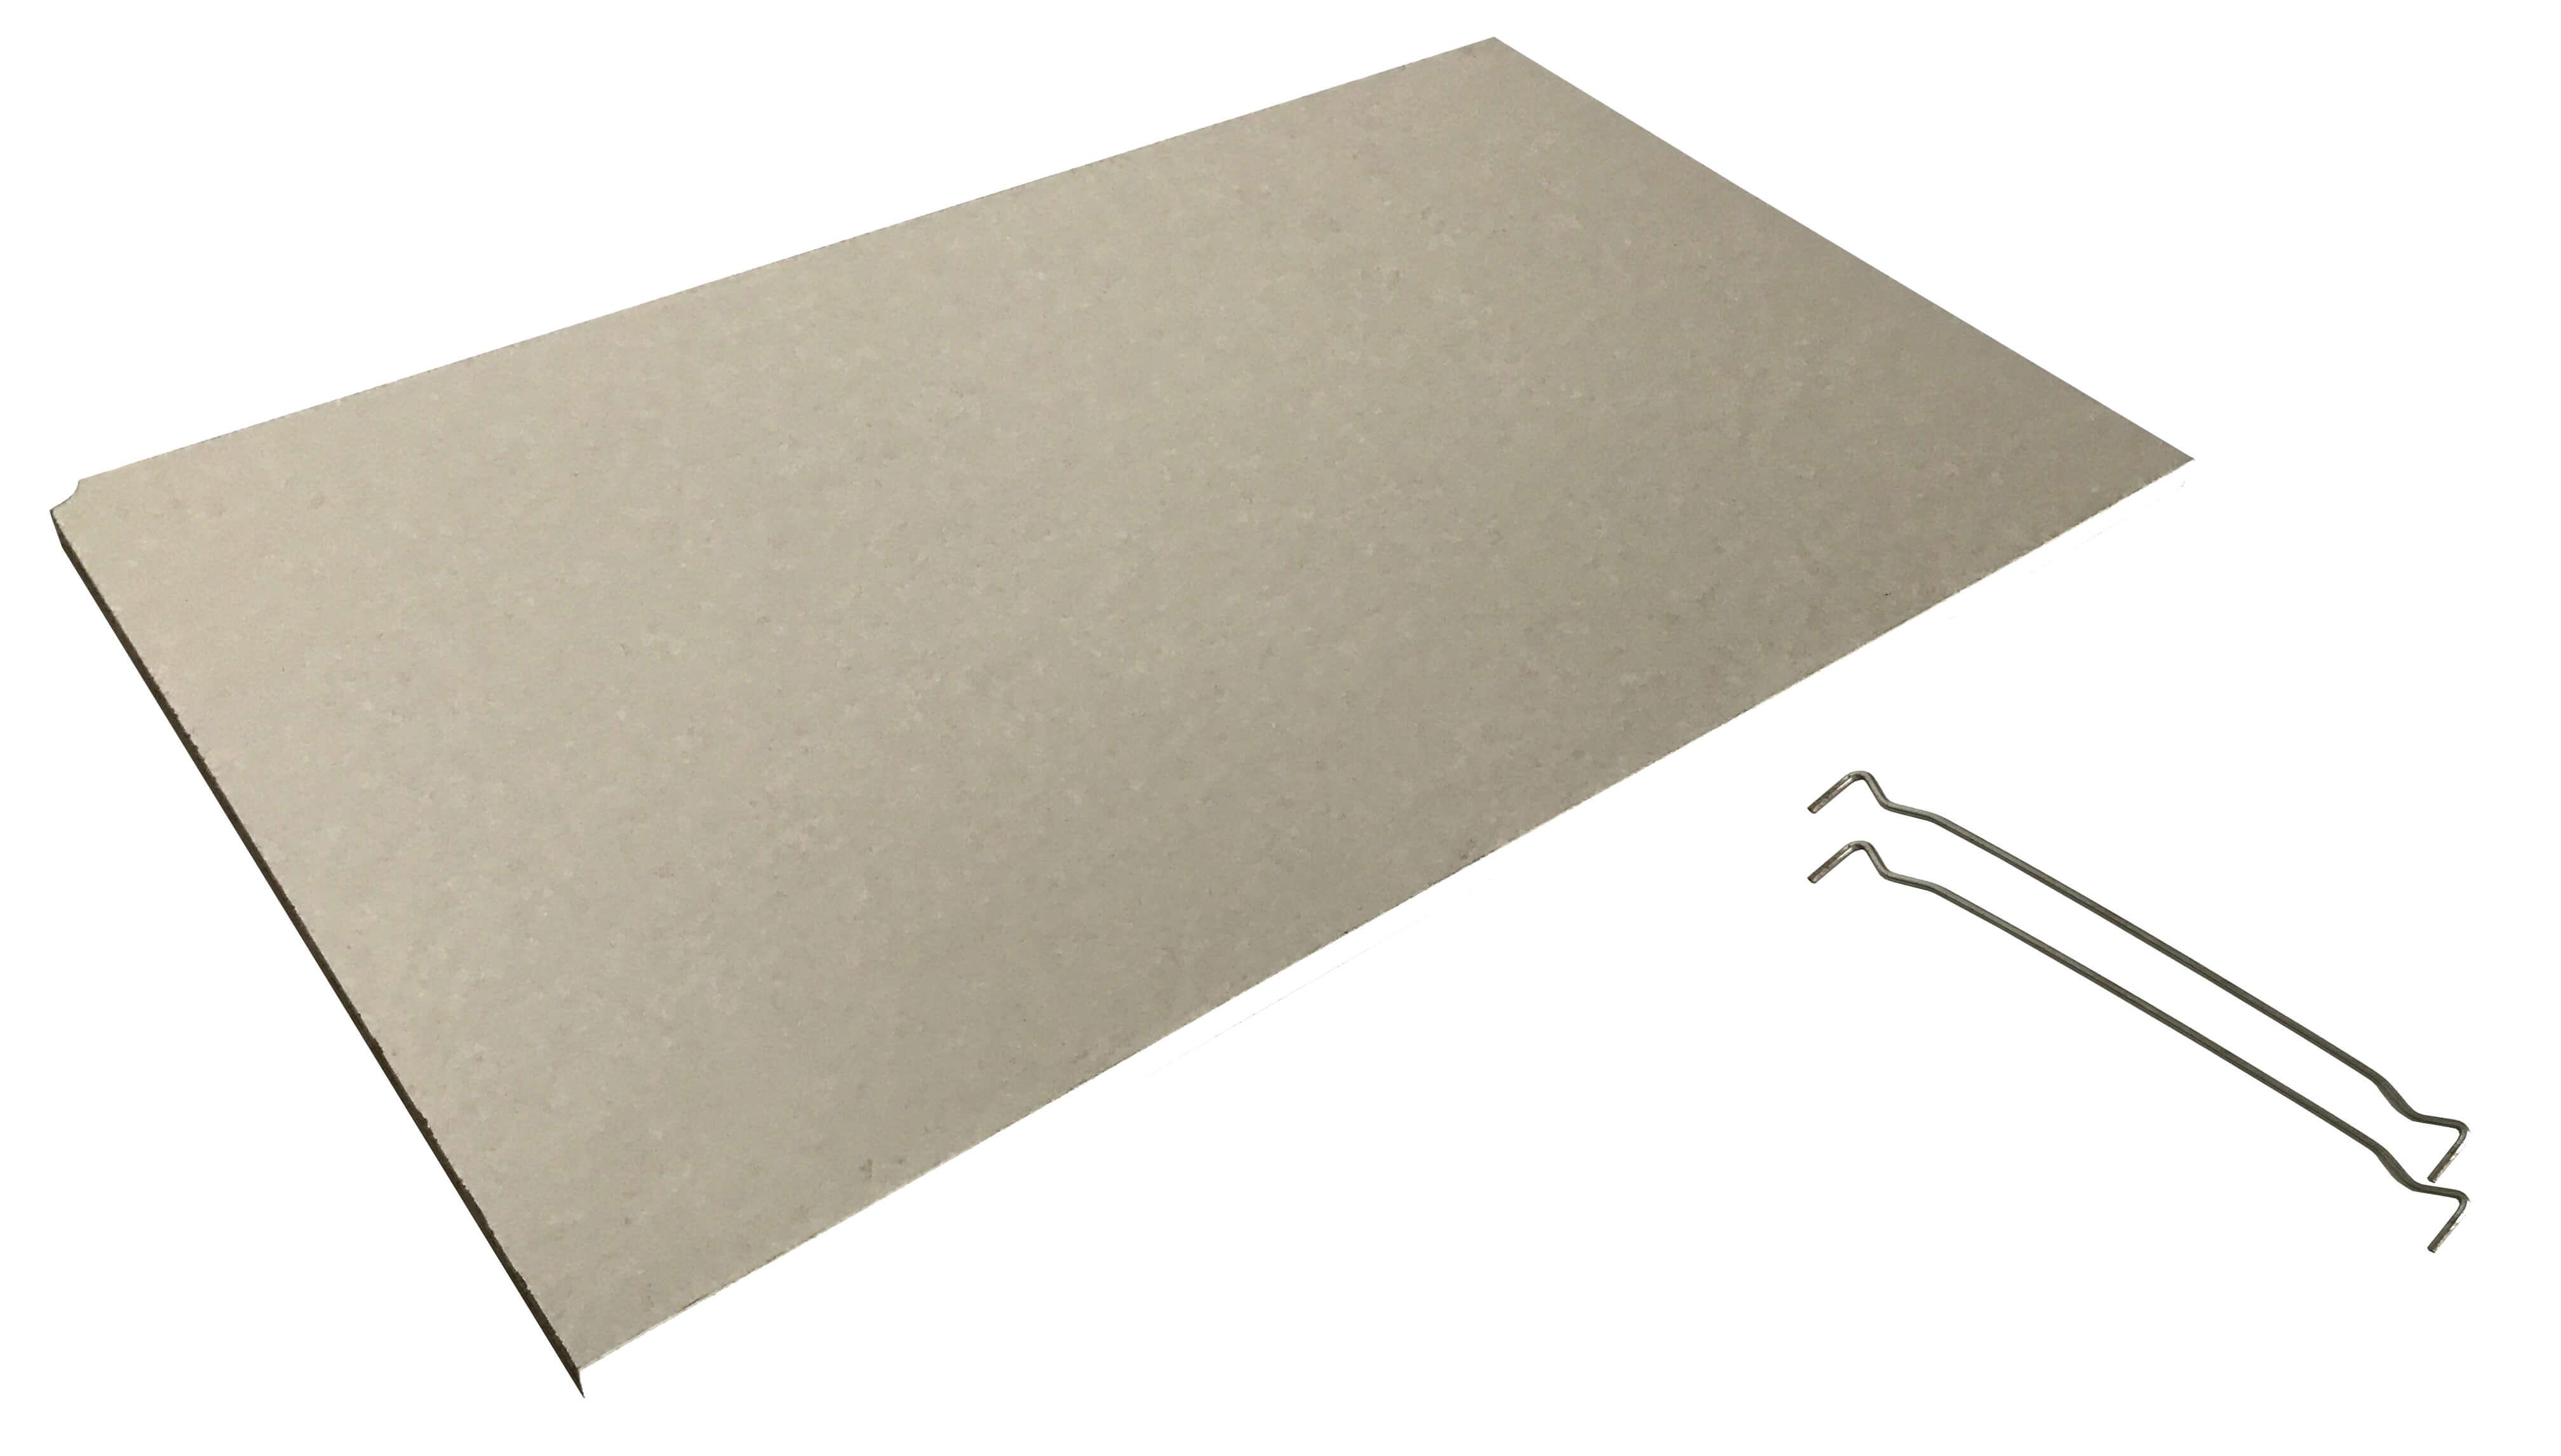 ikea magiker regalboden 36 5cm x 63 5cm 220145279. Black Bedroom Furniture Sets. Home Design Ideas